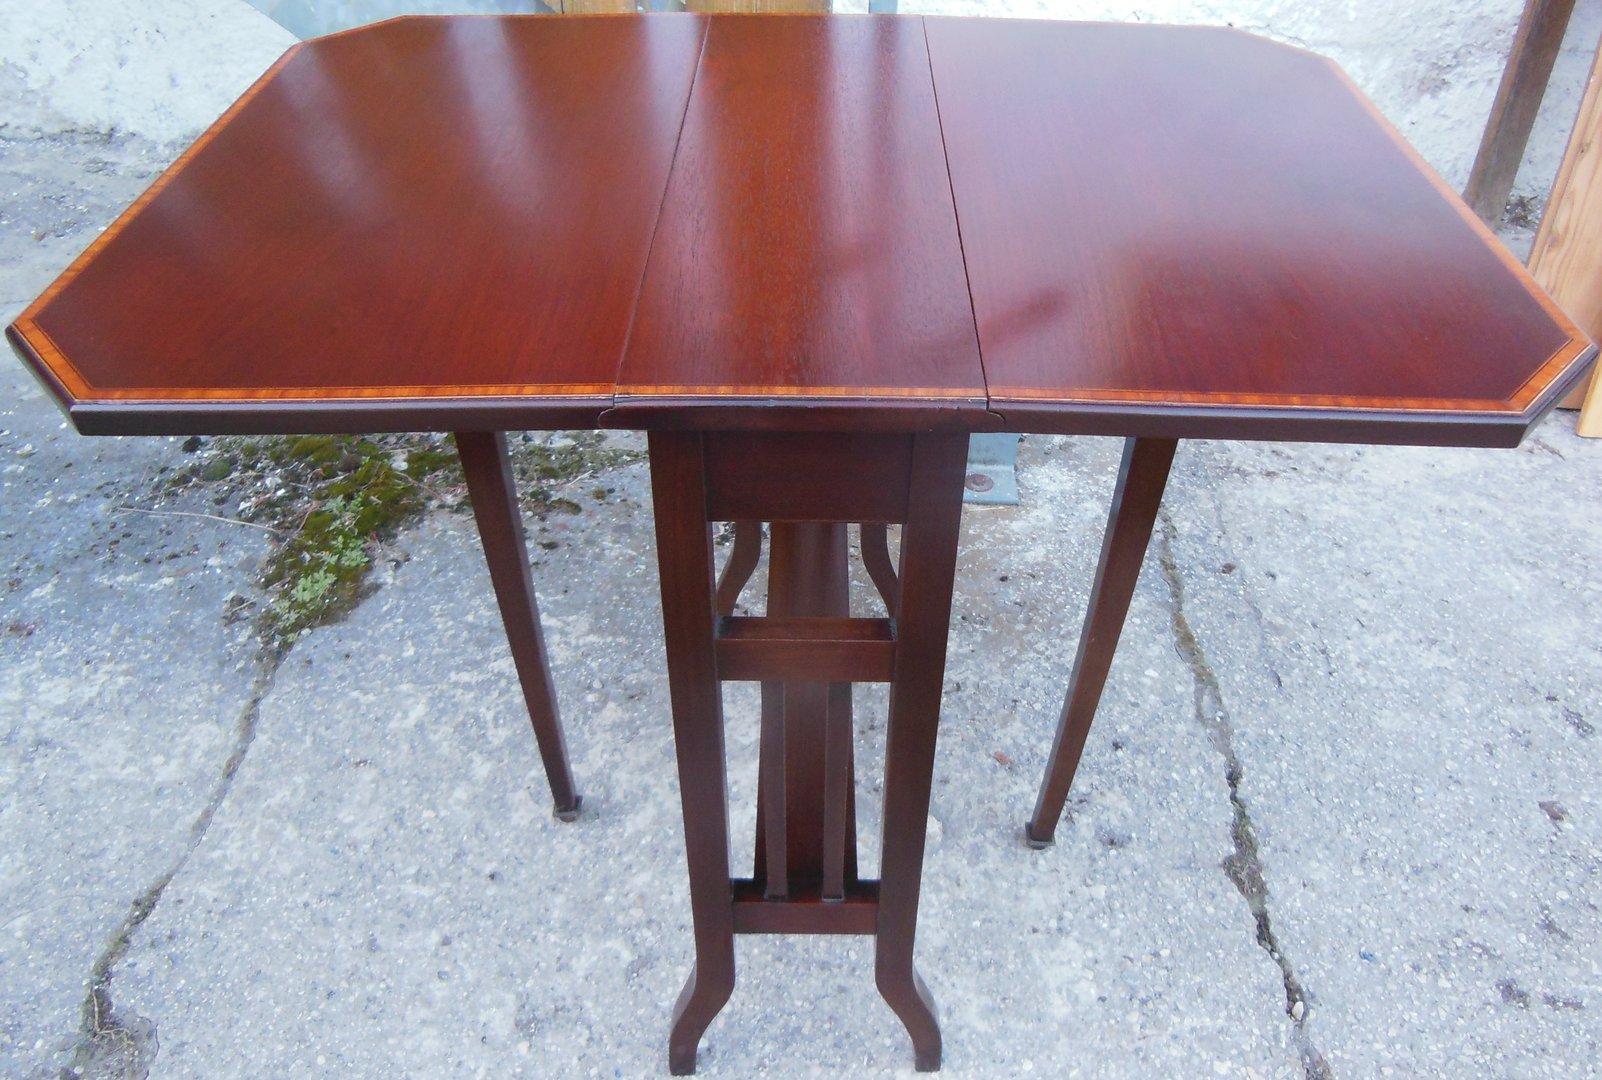 Klapptisch Beistelltisch.Beistelltisch Klapptisch Sutherland Jugendstil Tisch Mahagoni Massiv Beistelltisch Um 1910